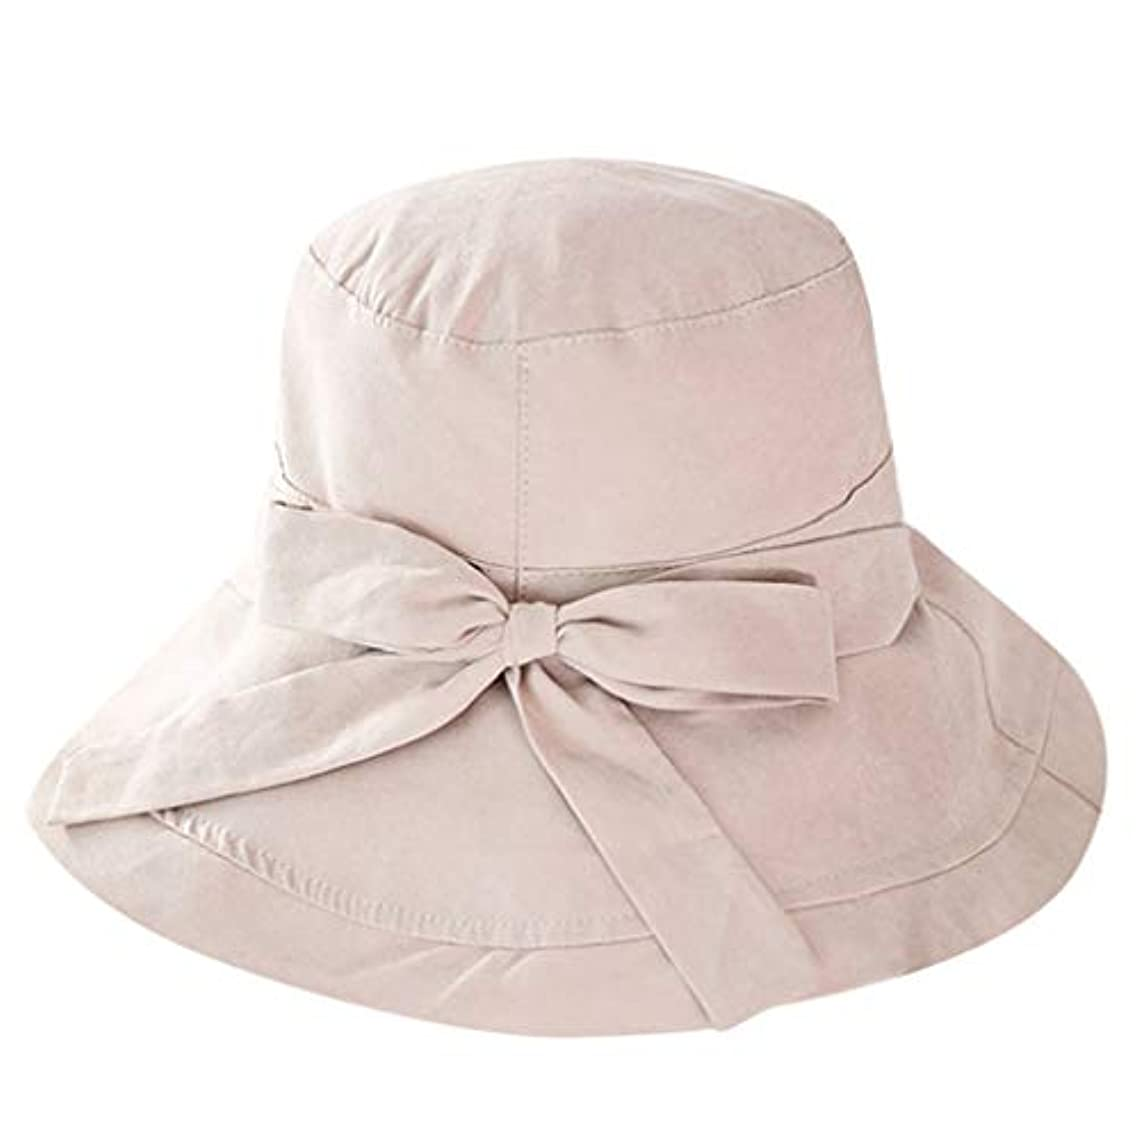 ハードリング箱恐怖症Kaiweini レディース夏漁夫帽カジュアル日よけバイザービッグエッジクロスキャップ人気の屋外折りたたみビーチキャップチャイルドハット日焼け止め太陽帽